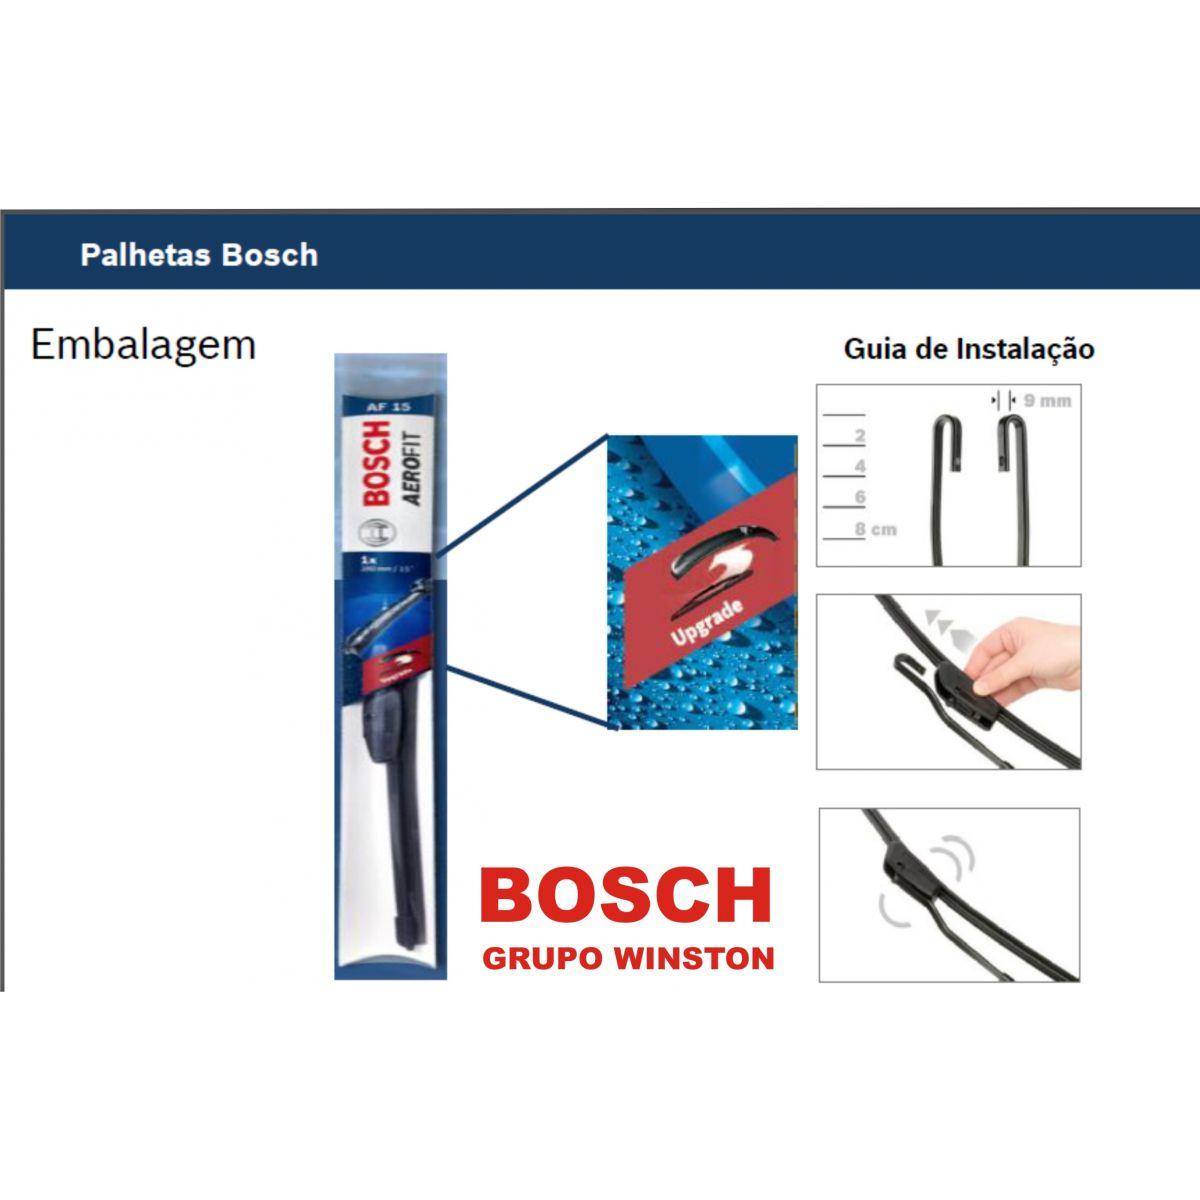 Palheta Bosch Aerofit Limpador de para brisa Bosch CRV 2002 até 2006